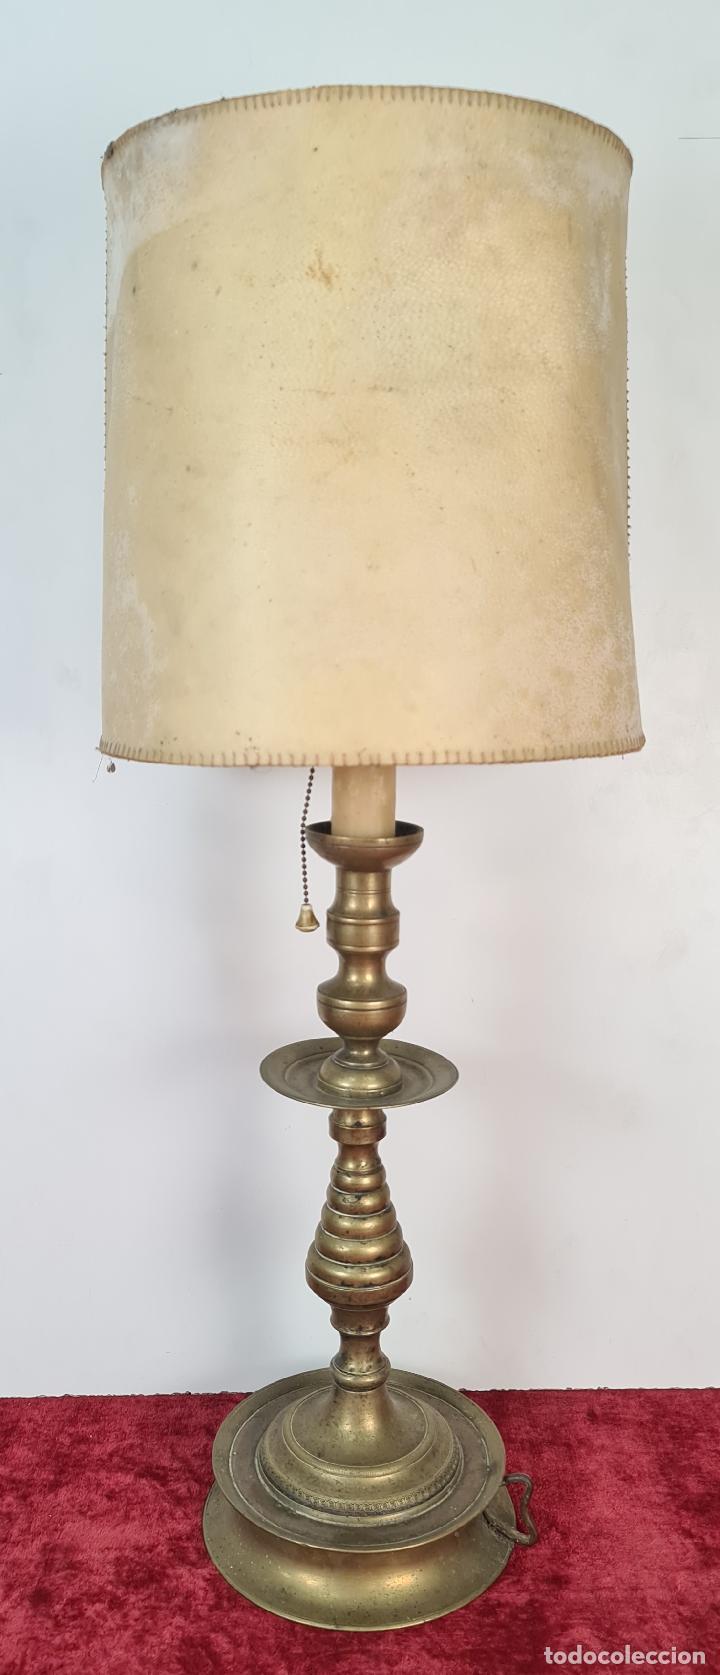 LÁMPARA DE SOBREMESA EN LATÓN. PANTALLA DE PIEL PERGAMINO. CIRCA 1930. (Antigüedades - Iluminación - Lámparas Antiguas)